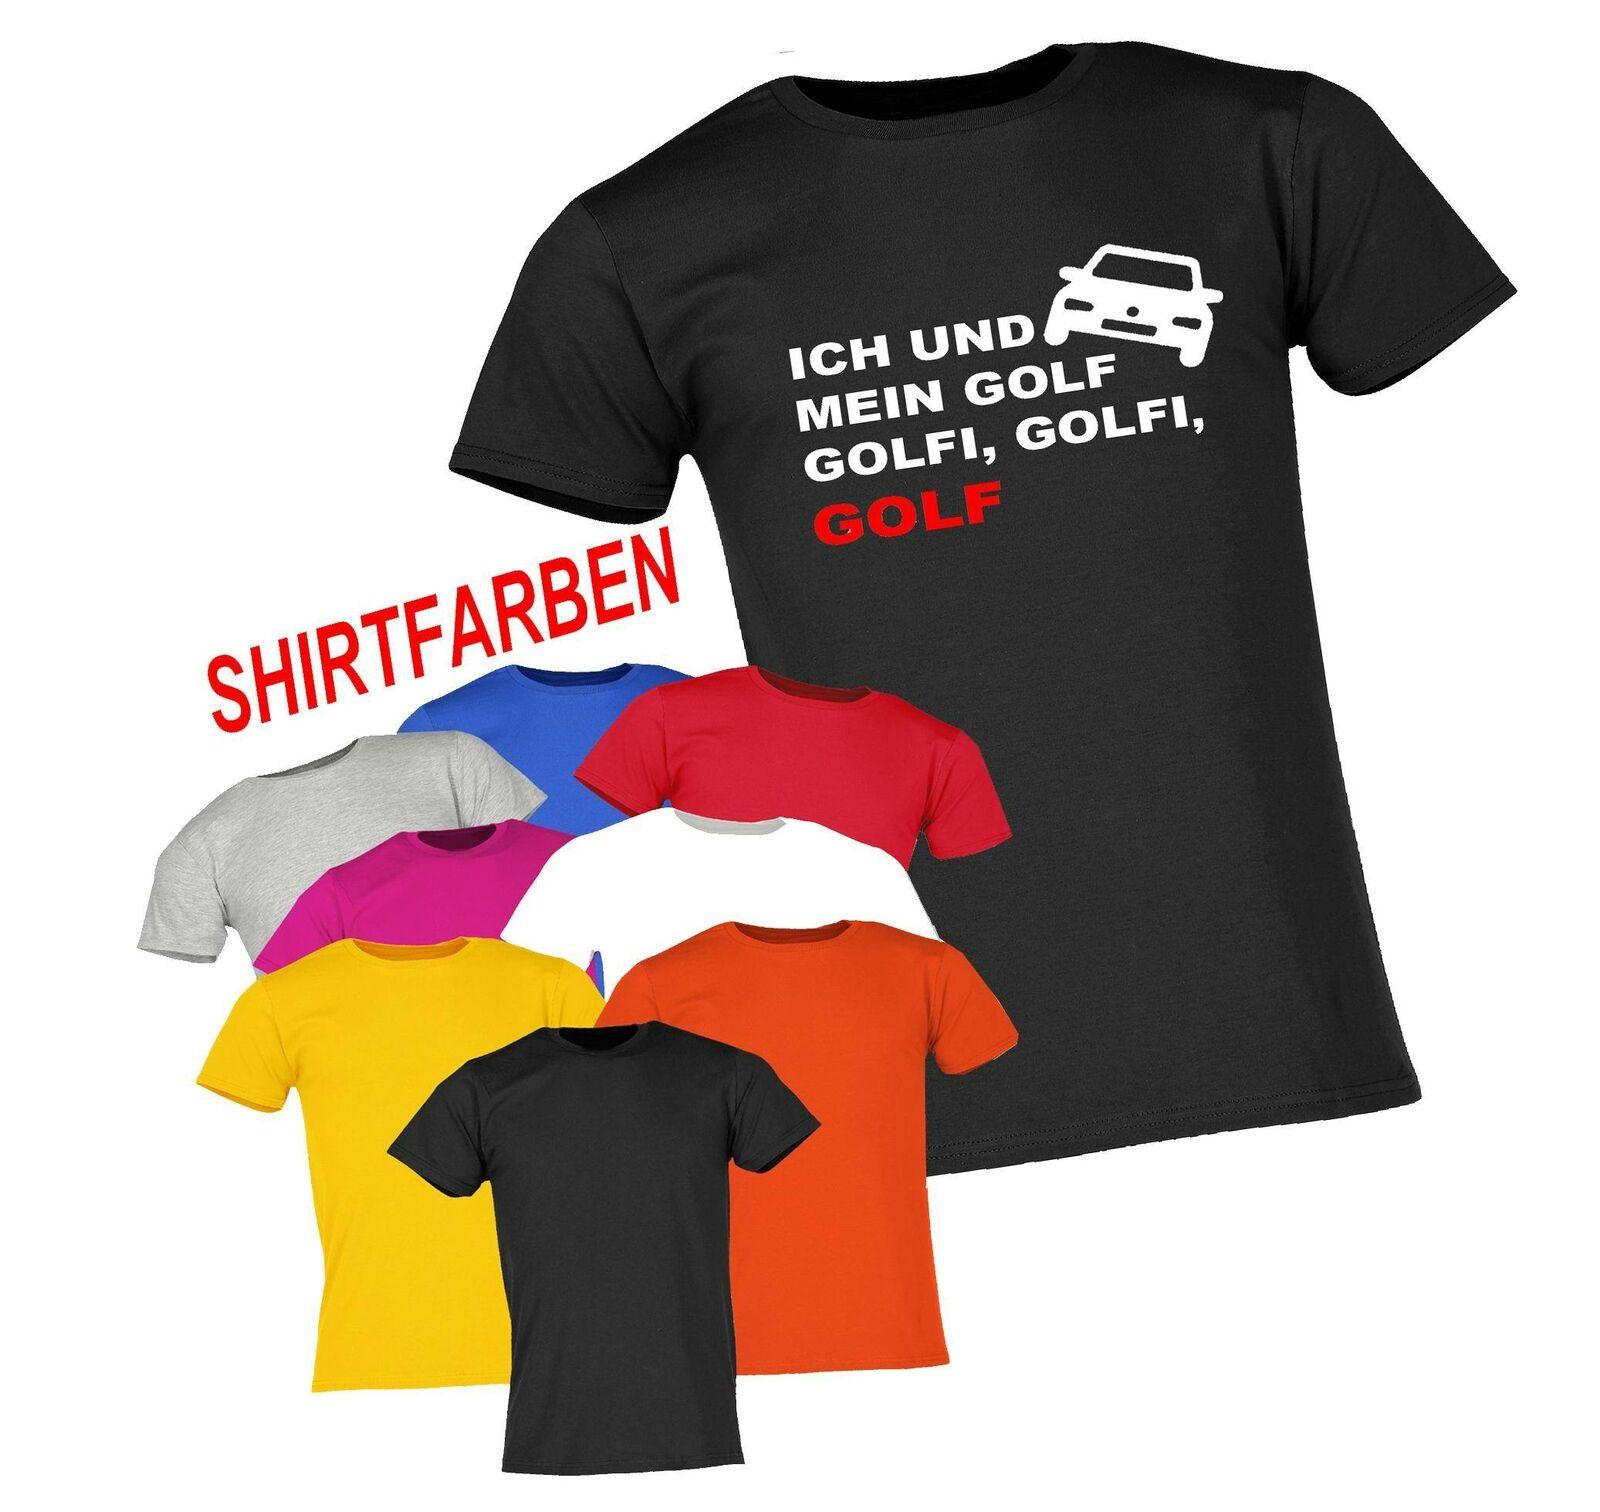 UNISEX T-SHIRT GOLF ICH UND MEIN GOLF GOLFI SPRÜCHESHIRT PARTYSHIRT S-5XL NEU